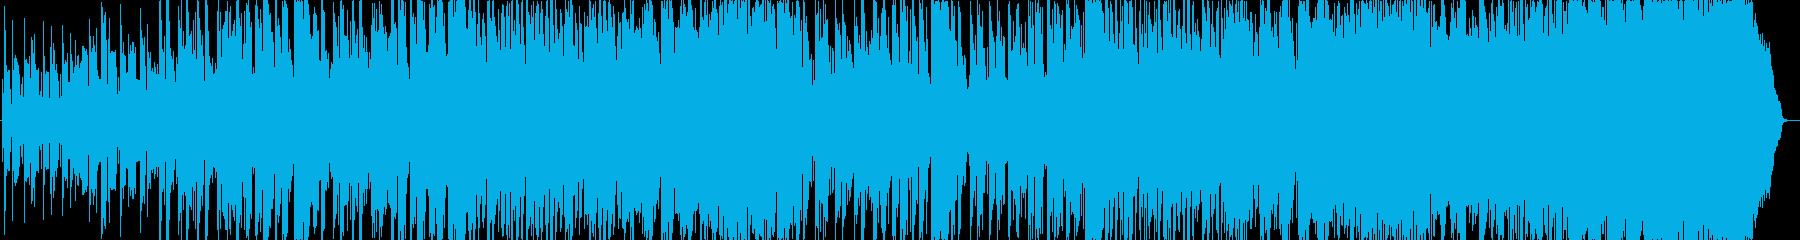 座敷童子の音楽、和風テイストの再生済みの波形